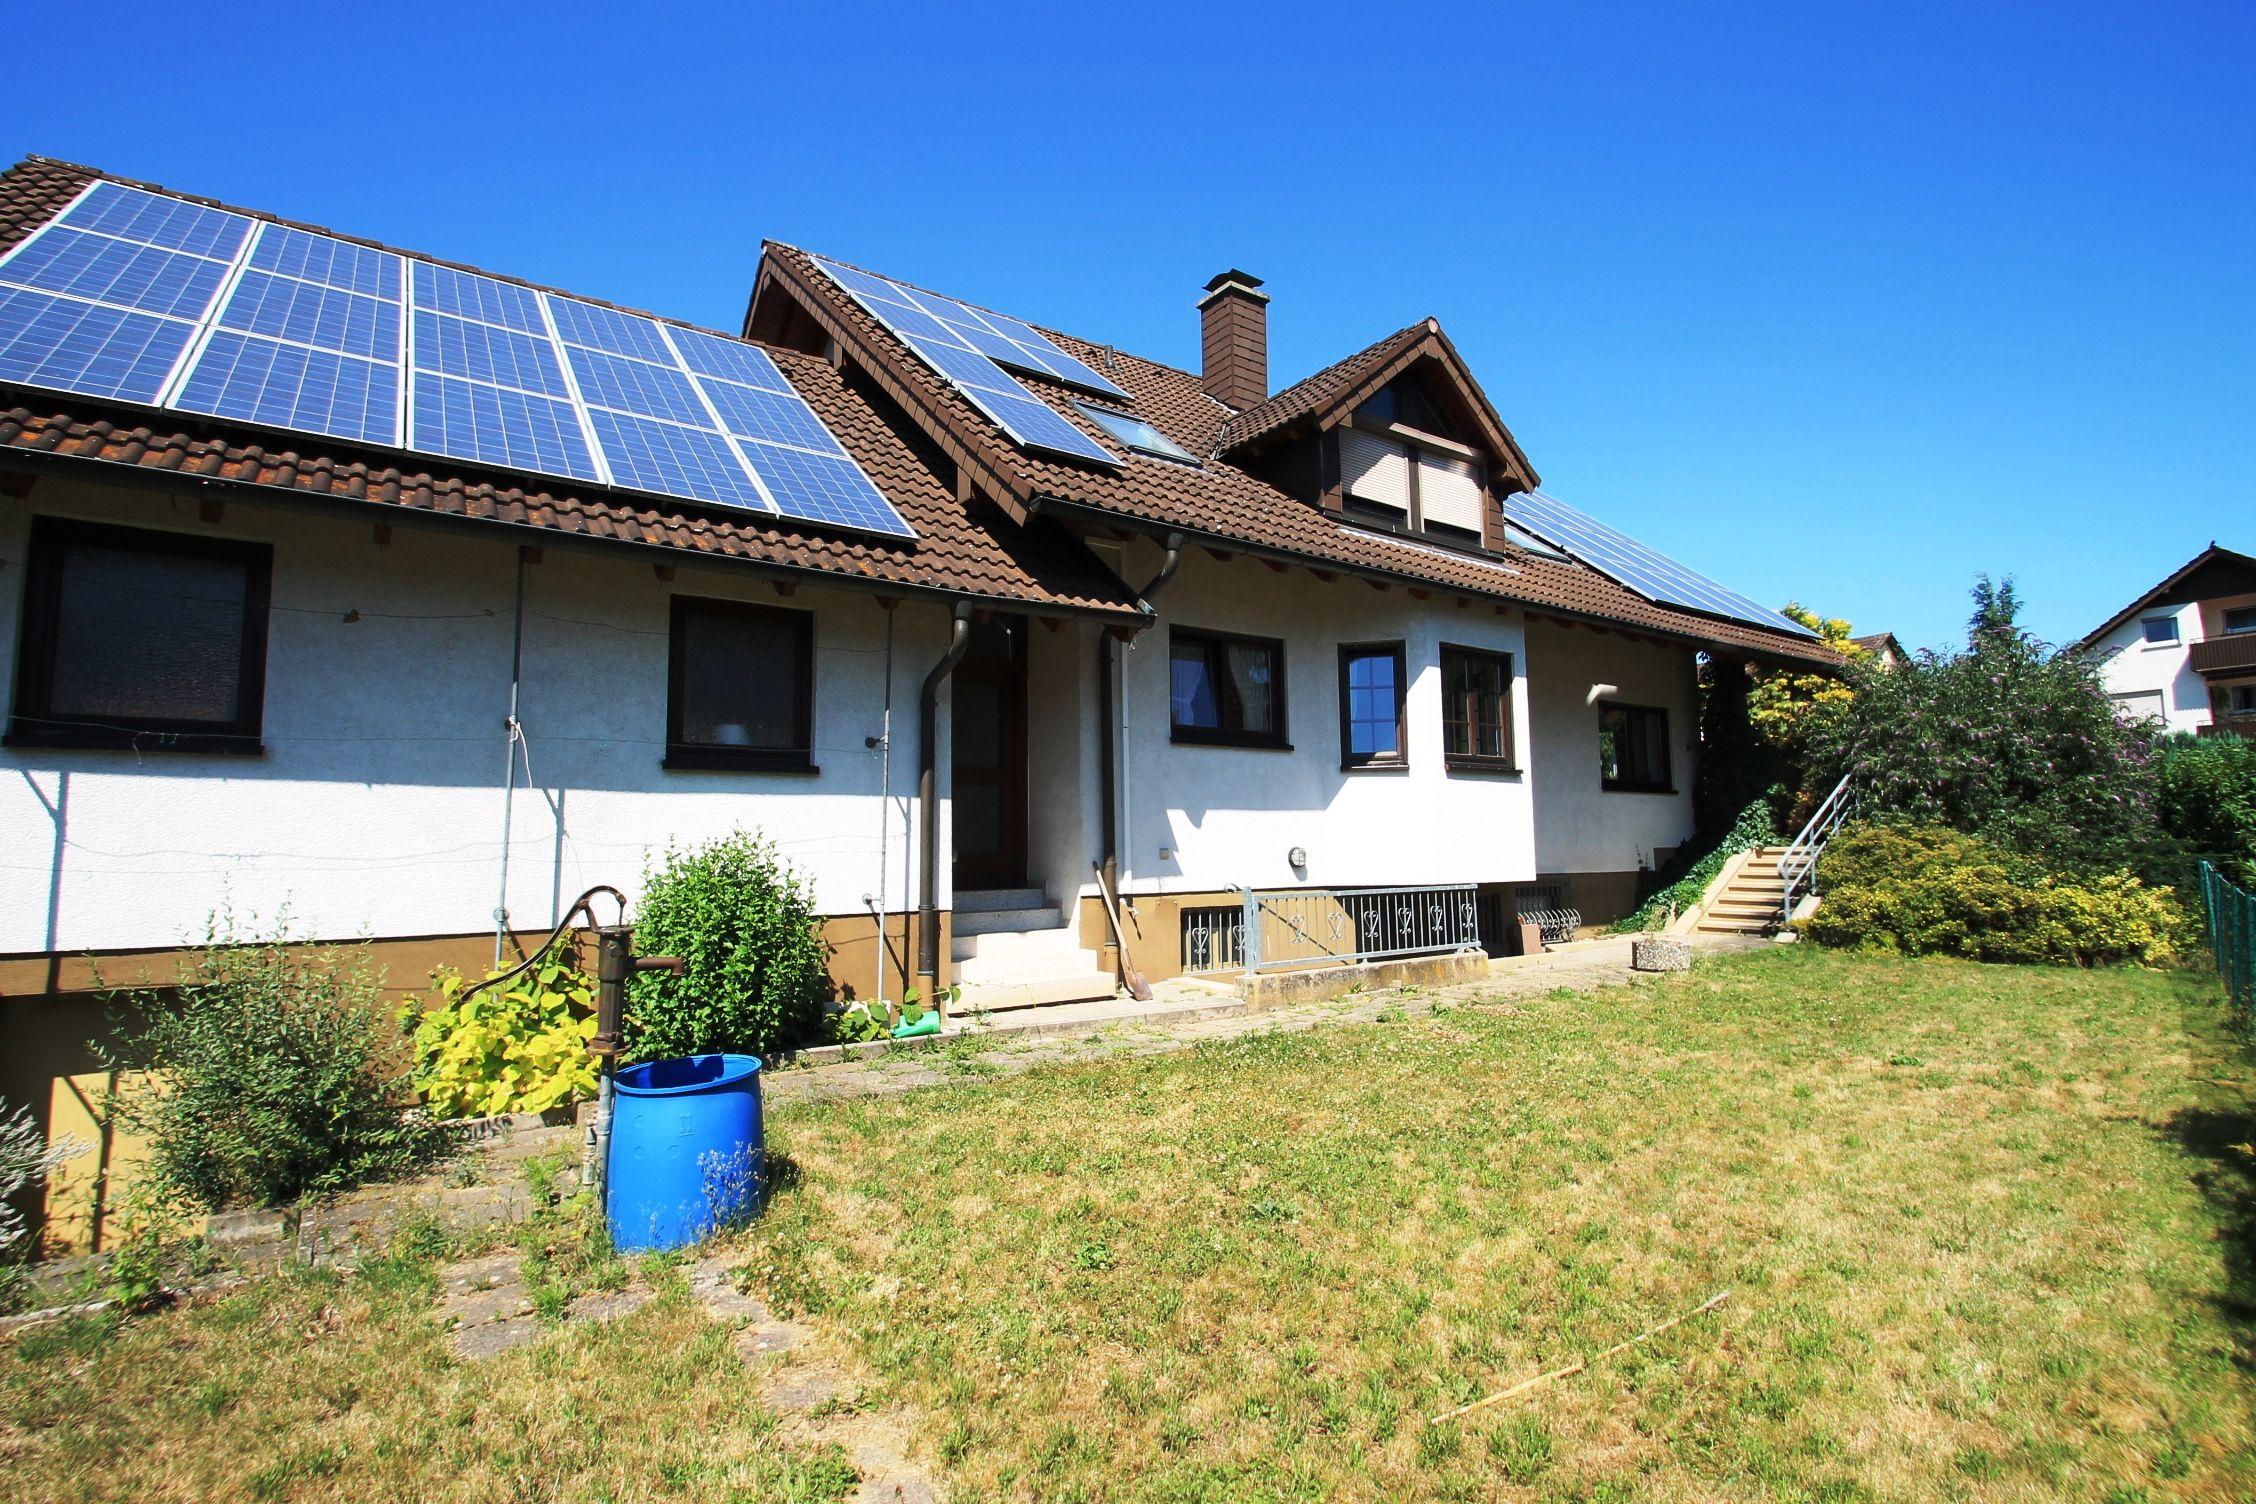 Großzügiges Zweifamilienhaus in KarlsruheGrötzingen Haus